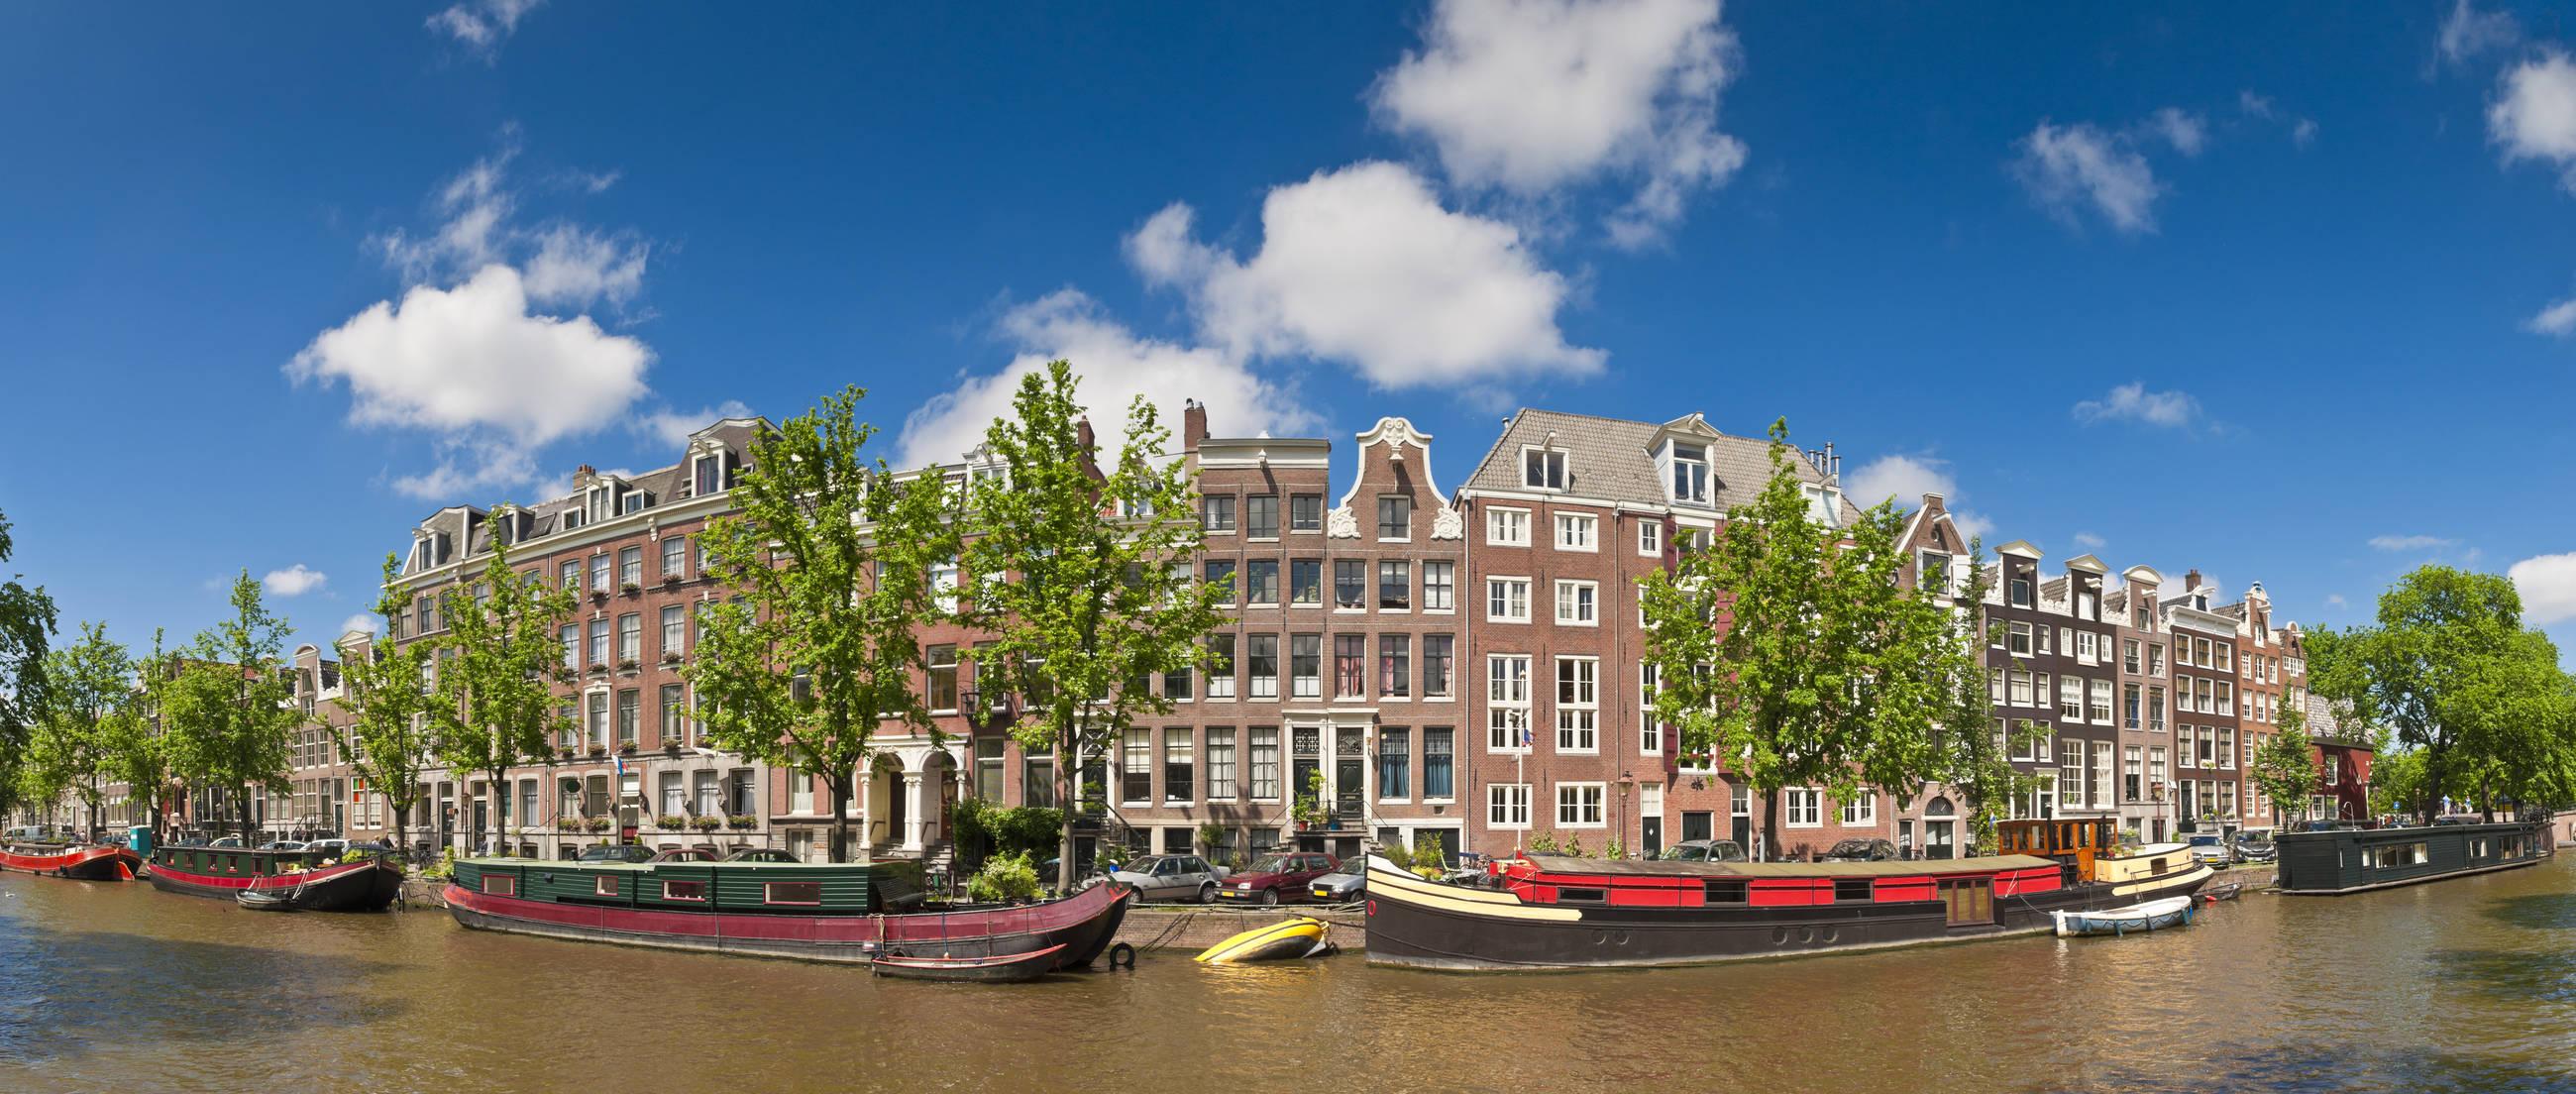 Non-Typical-Ways-To-Enjoy-Amsterdam